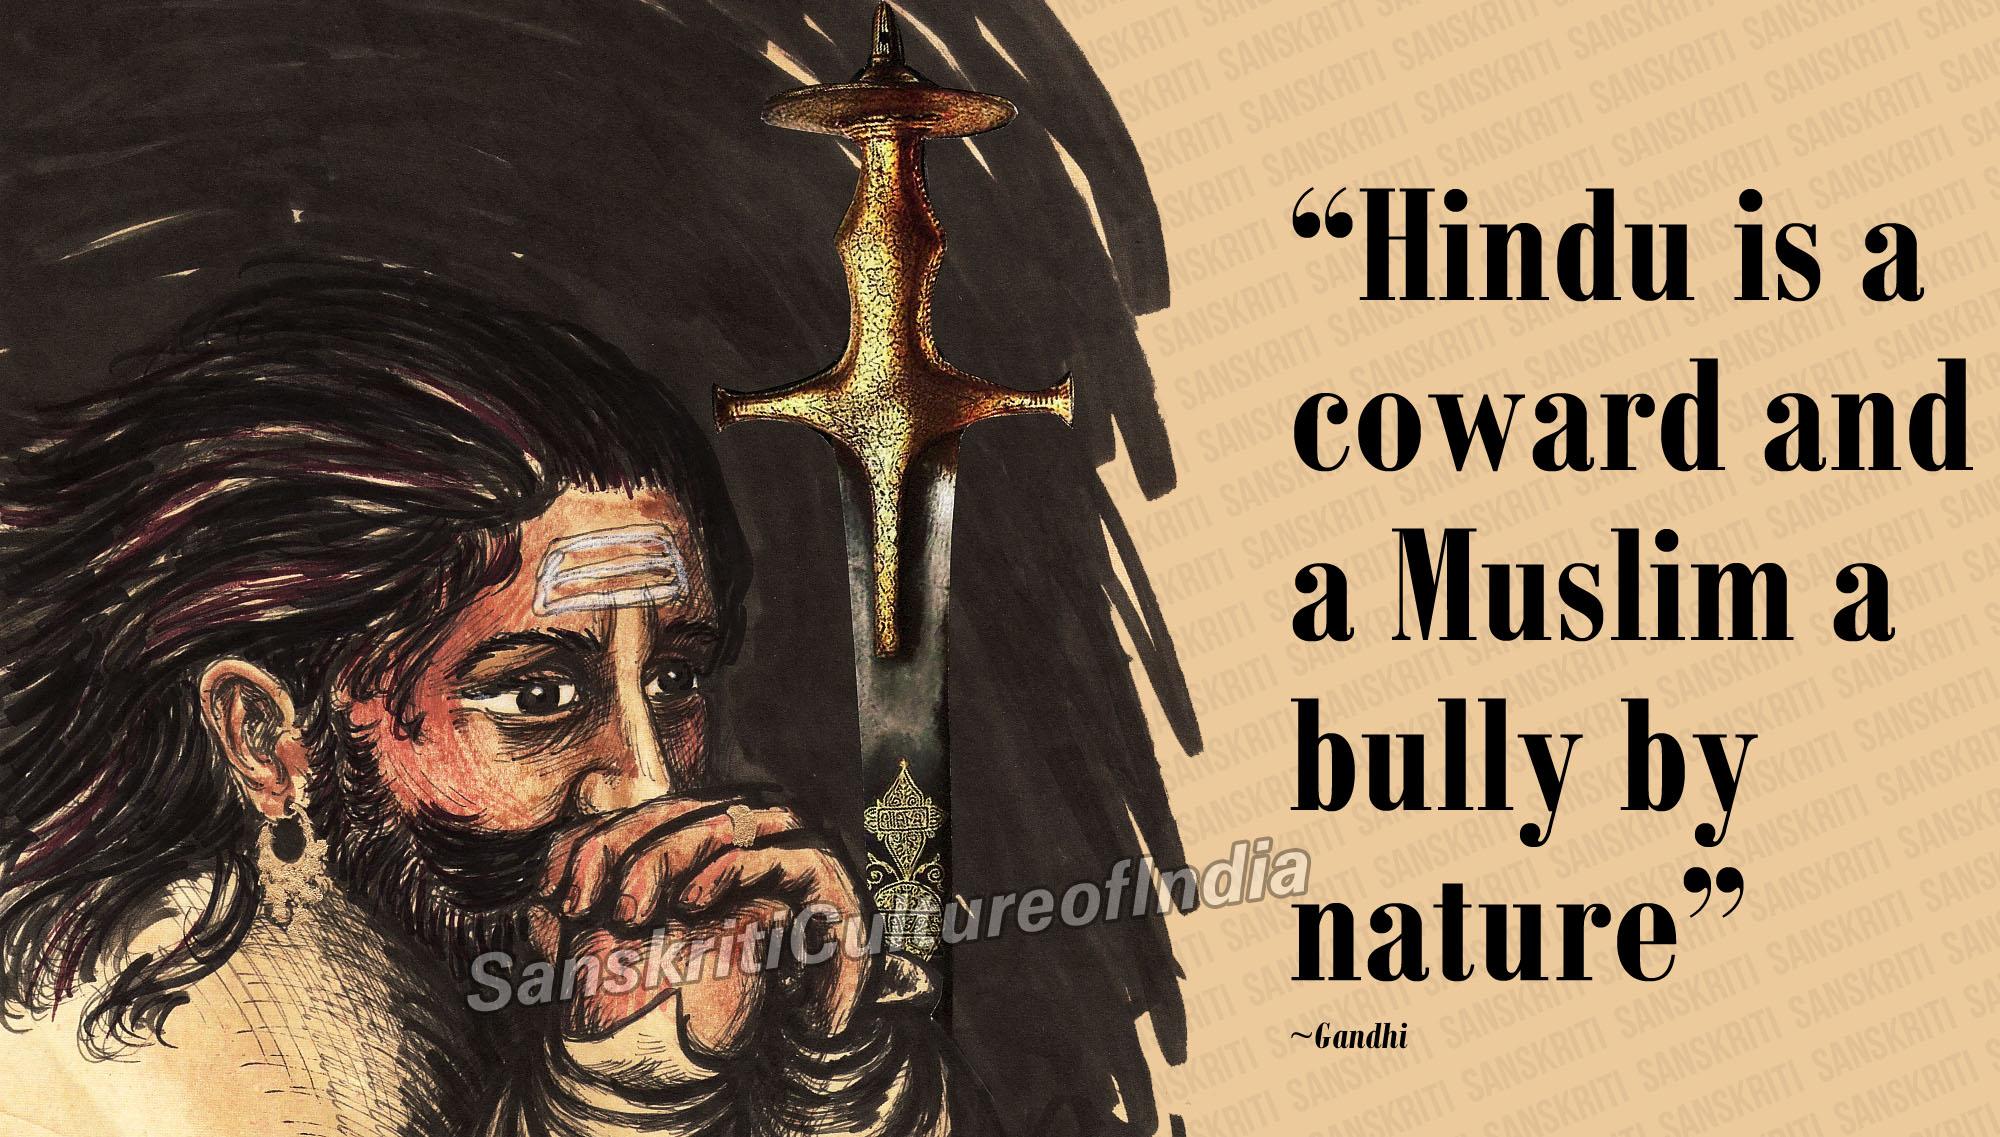 hindu_coward